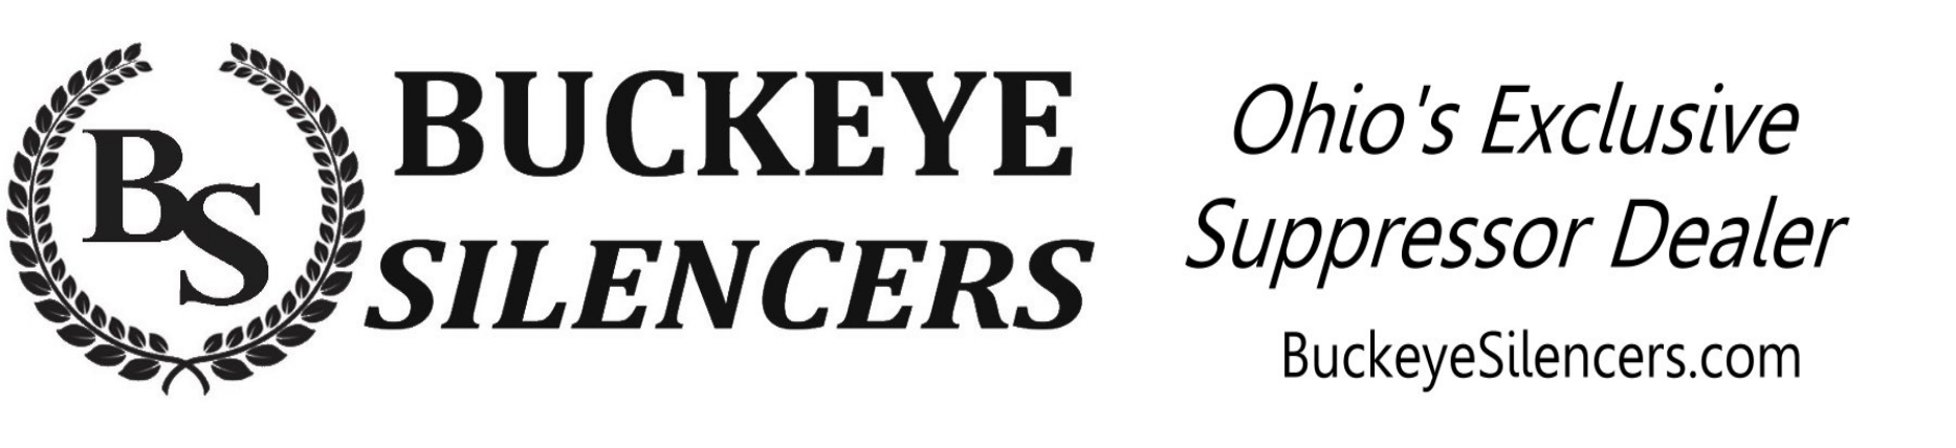 Buckeye Silencers